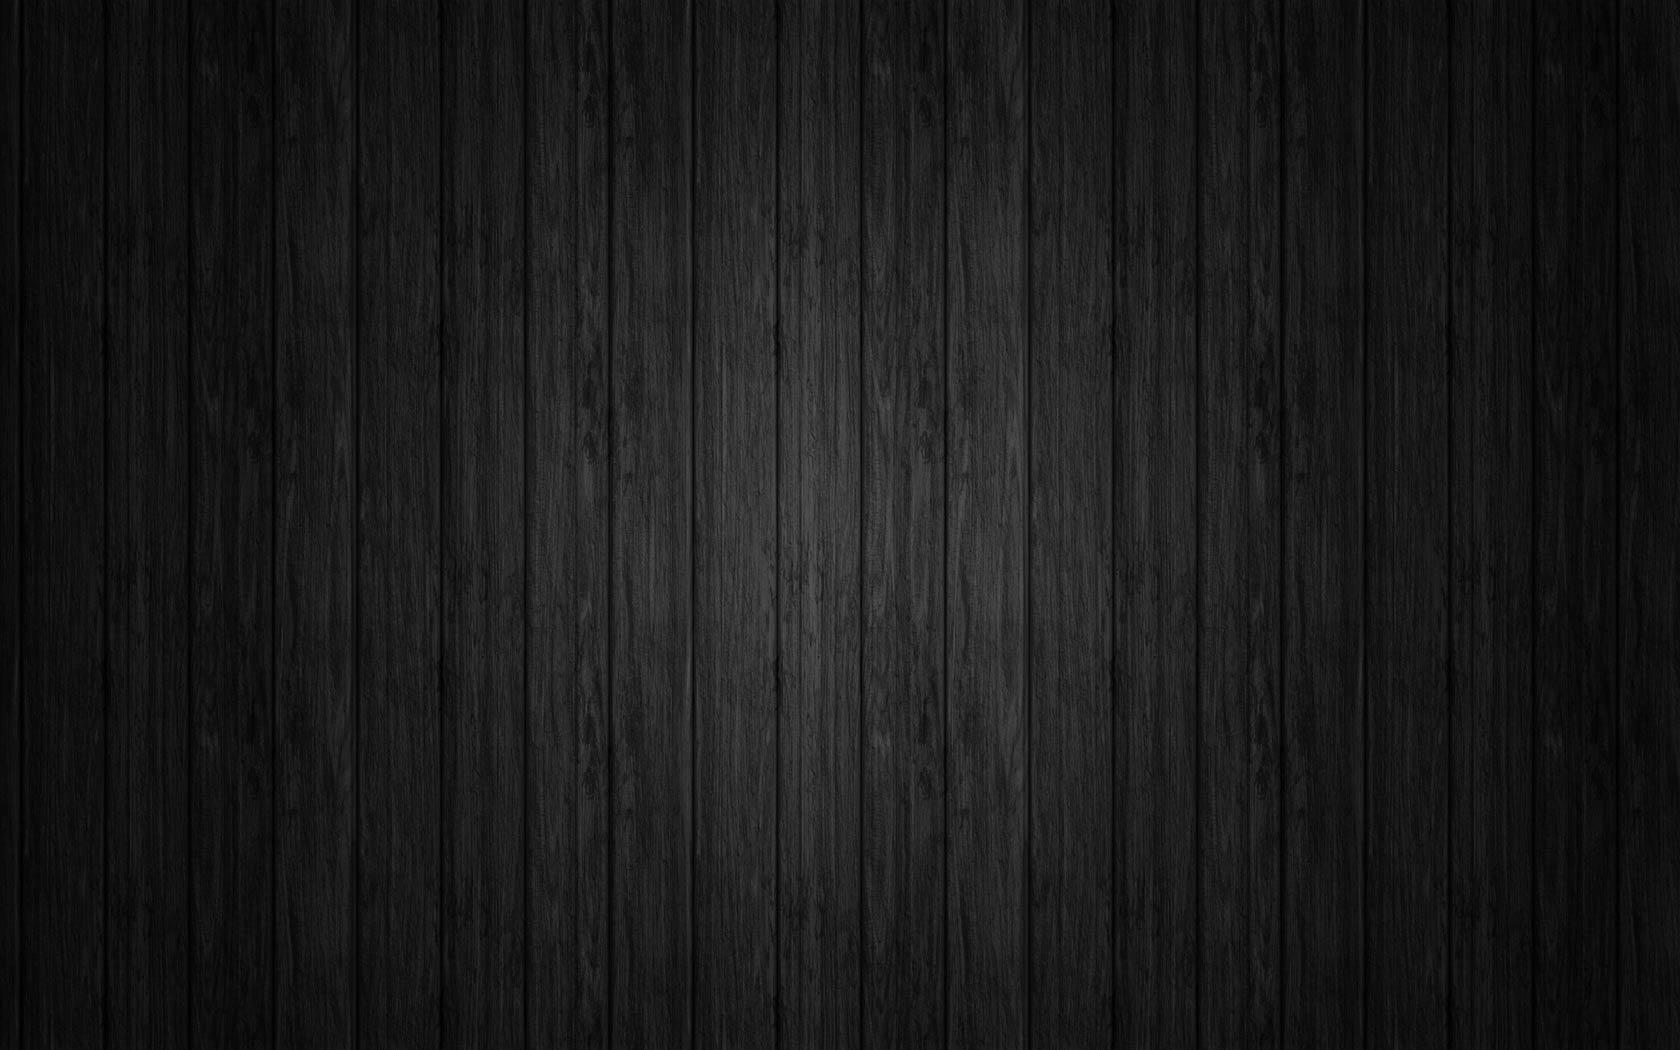 小说封面素材黑色